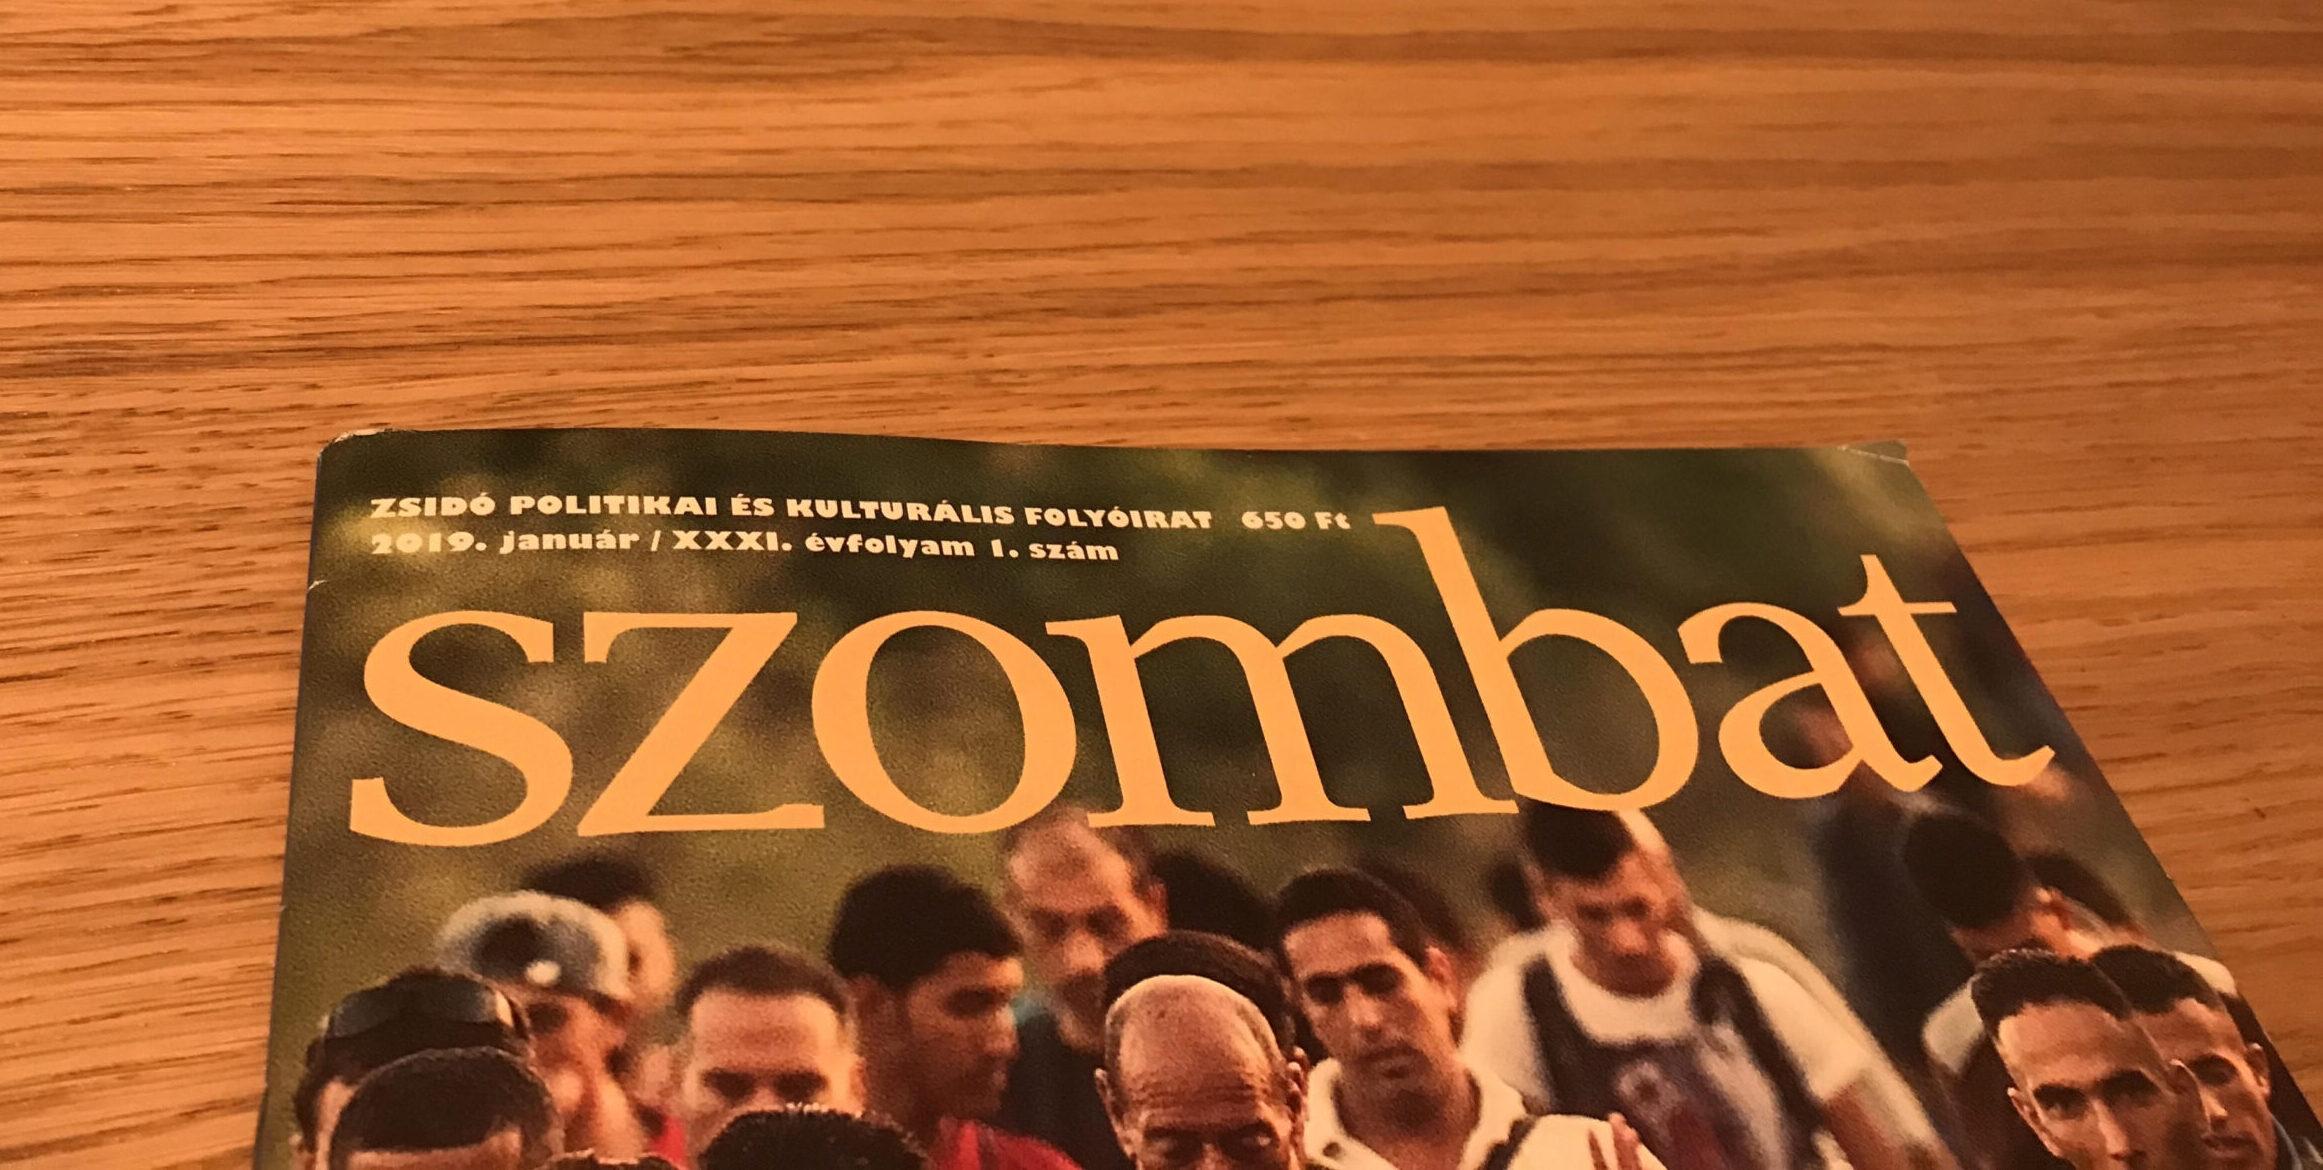 Rágalmazónak nevezte kritikus törzsolvasóját a Szombat folyóirat